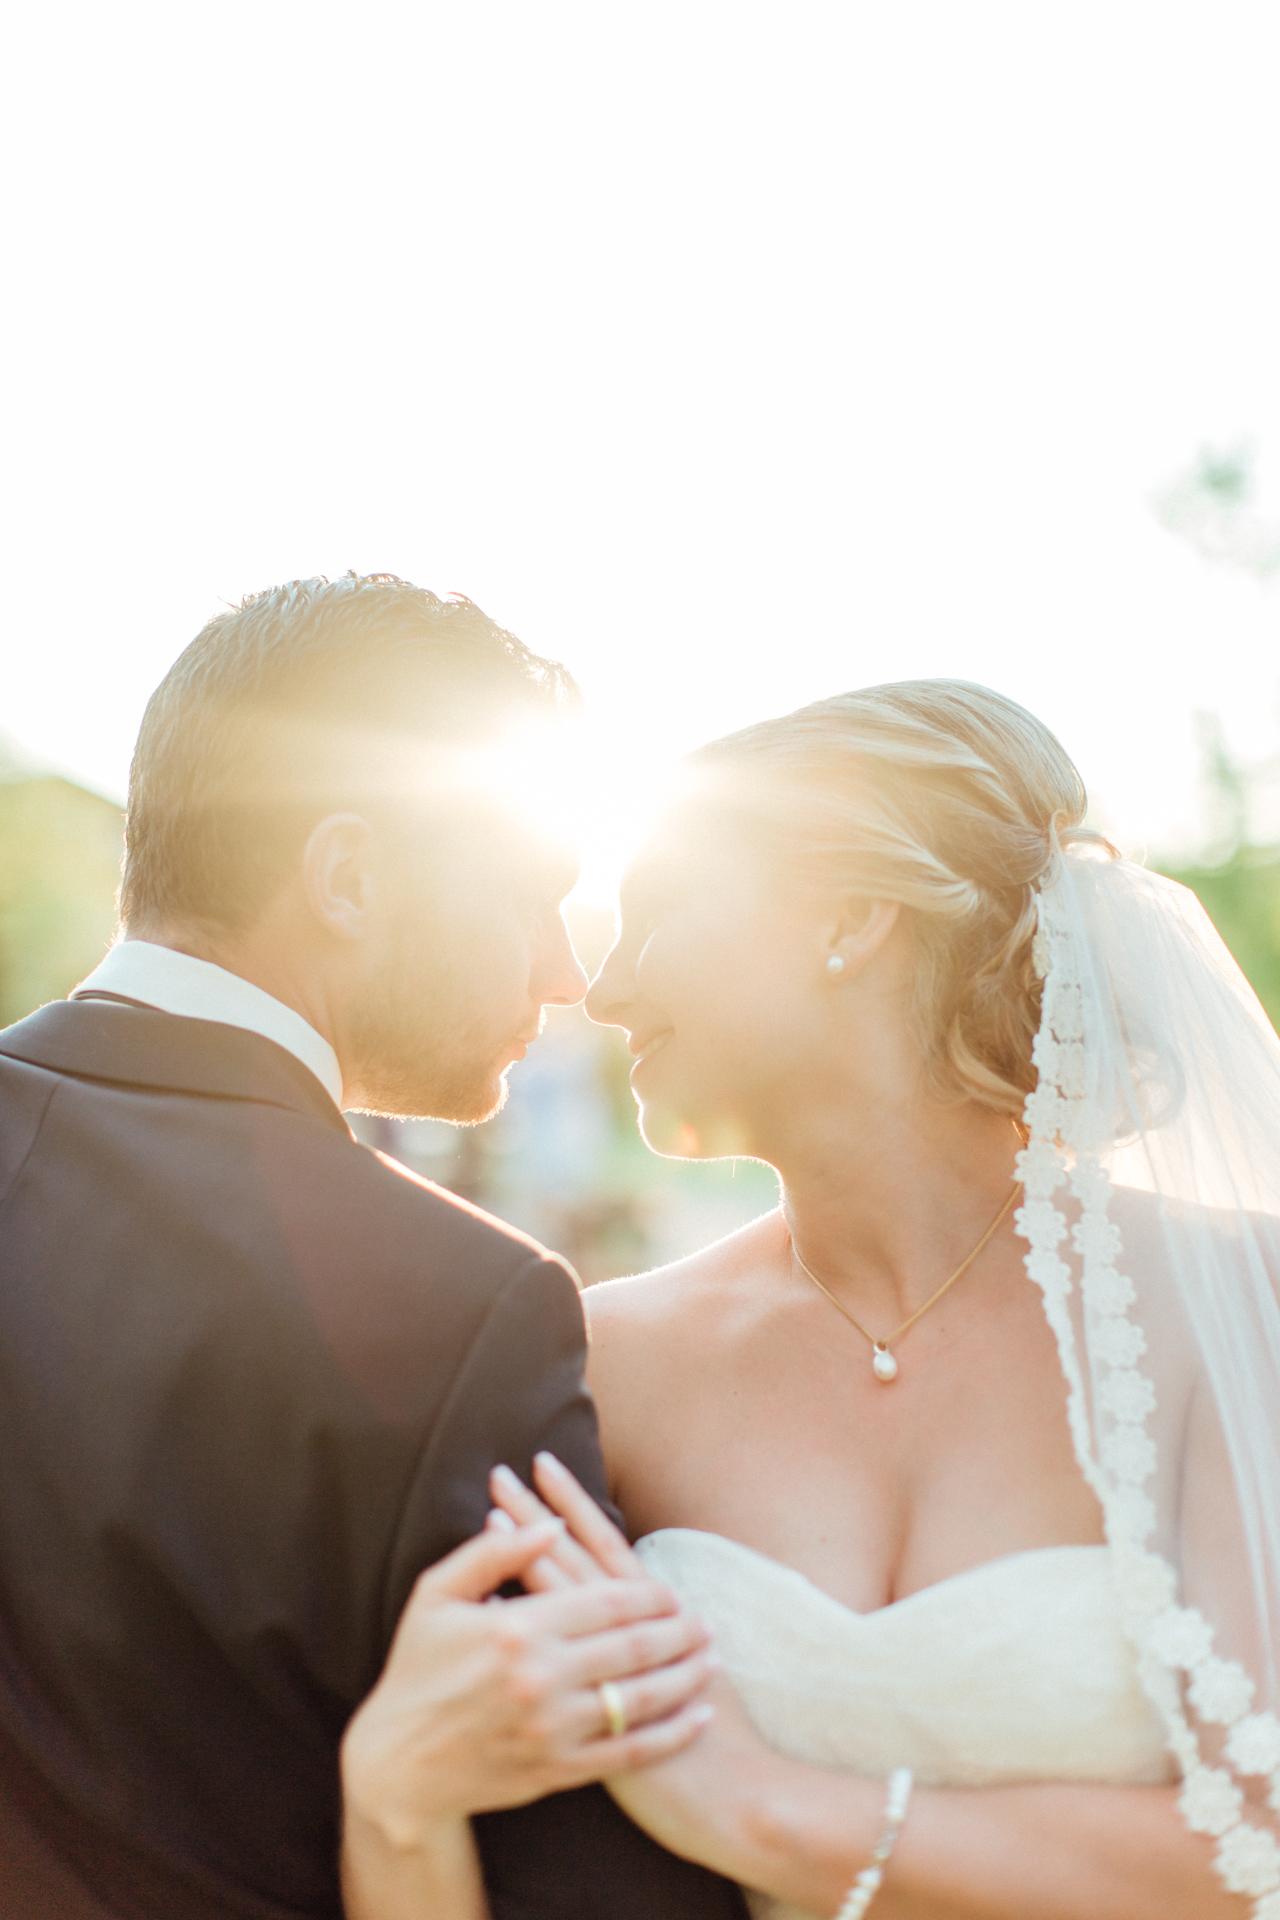 Hochzeit Eventscheune Dagobertshausen - Julia & Florian - Sandra Socha Fotografie - 99